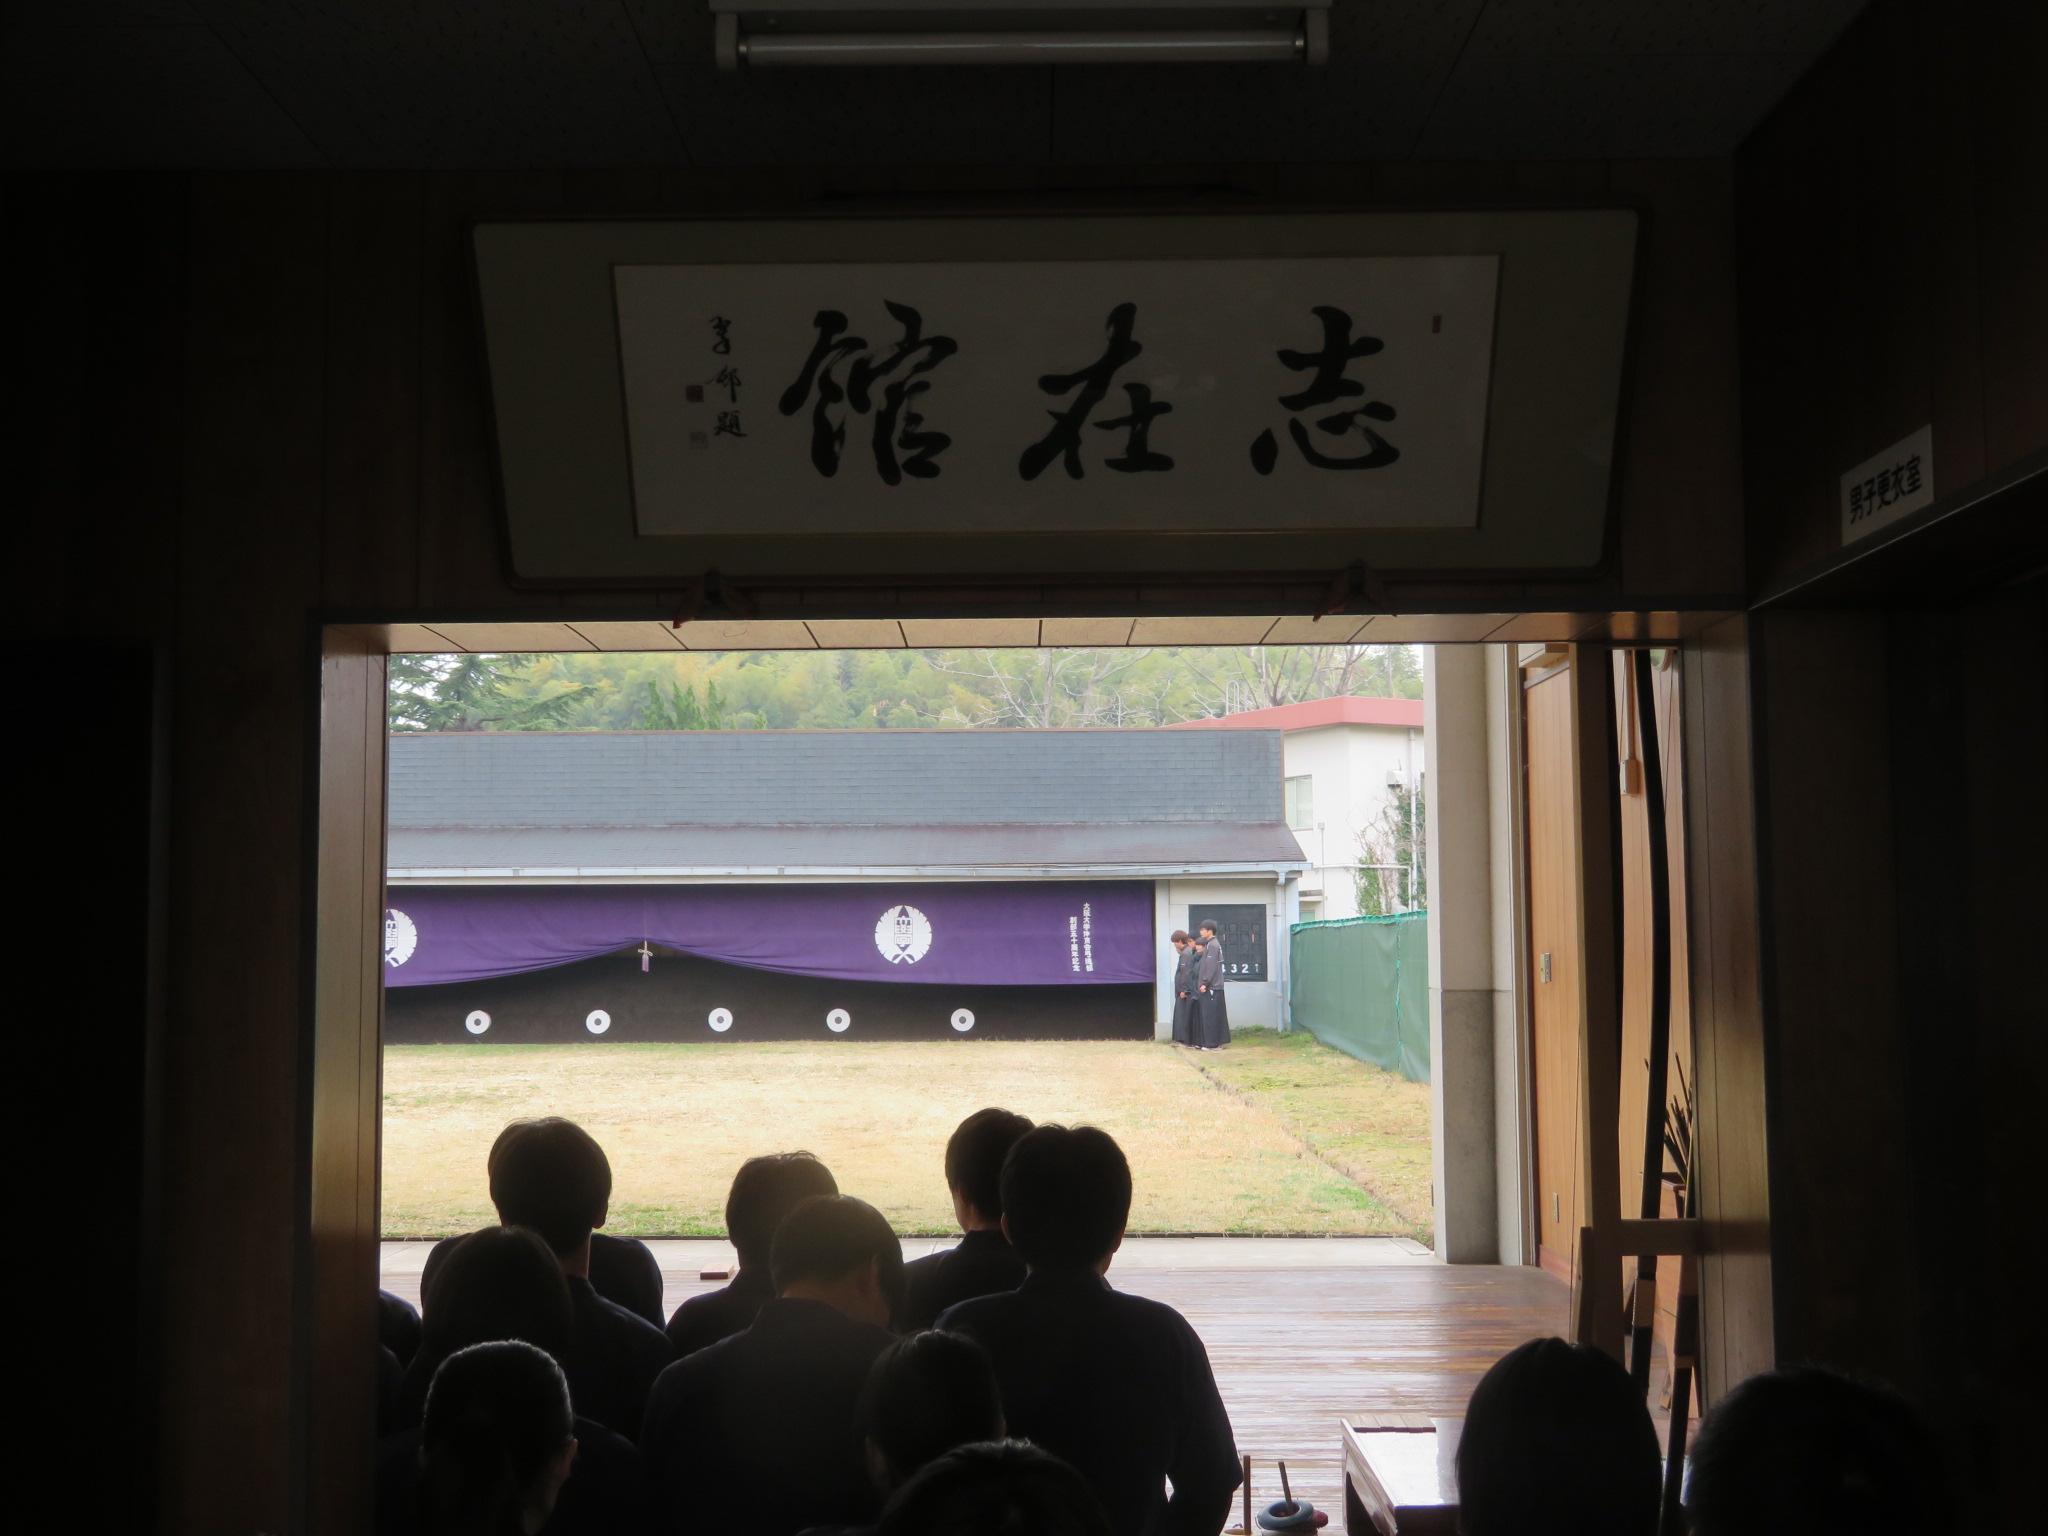 大阪大学志在館弓道場